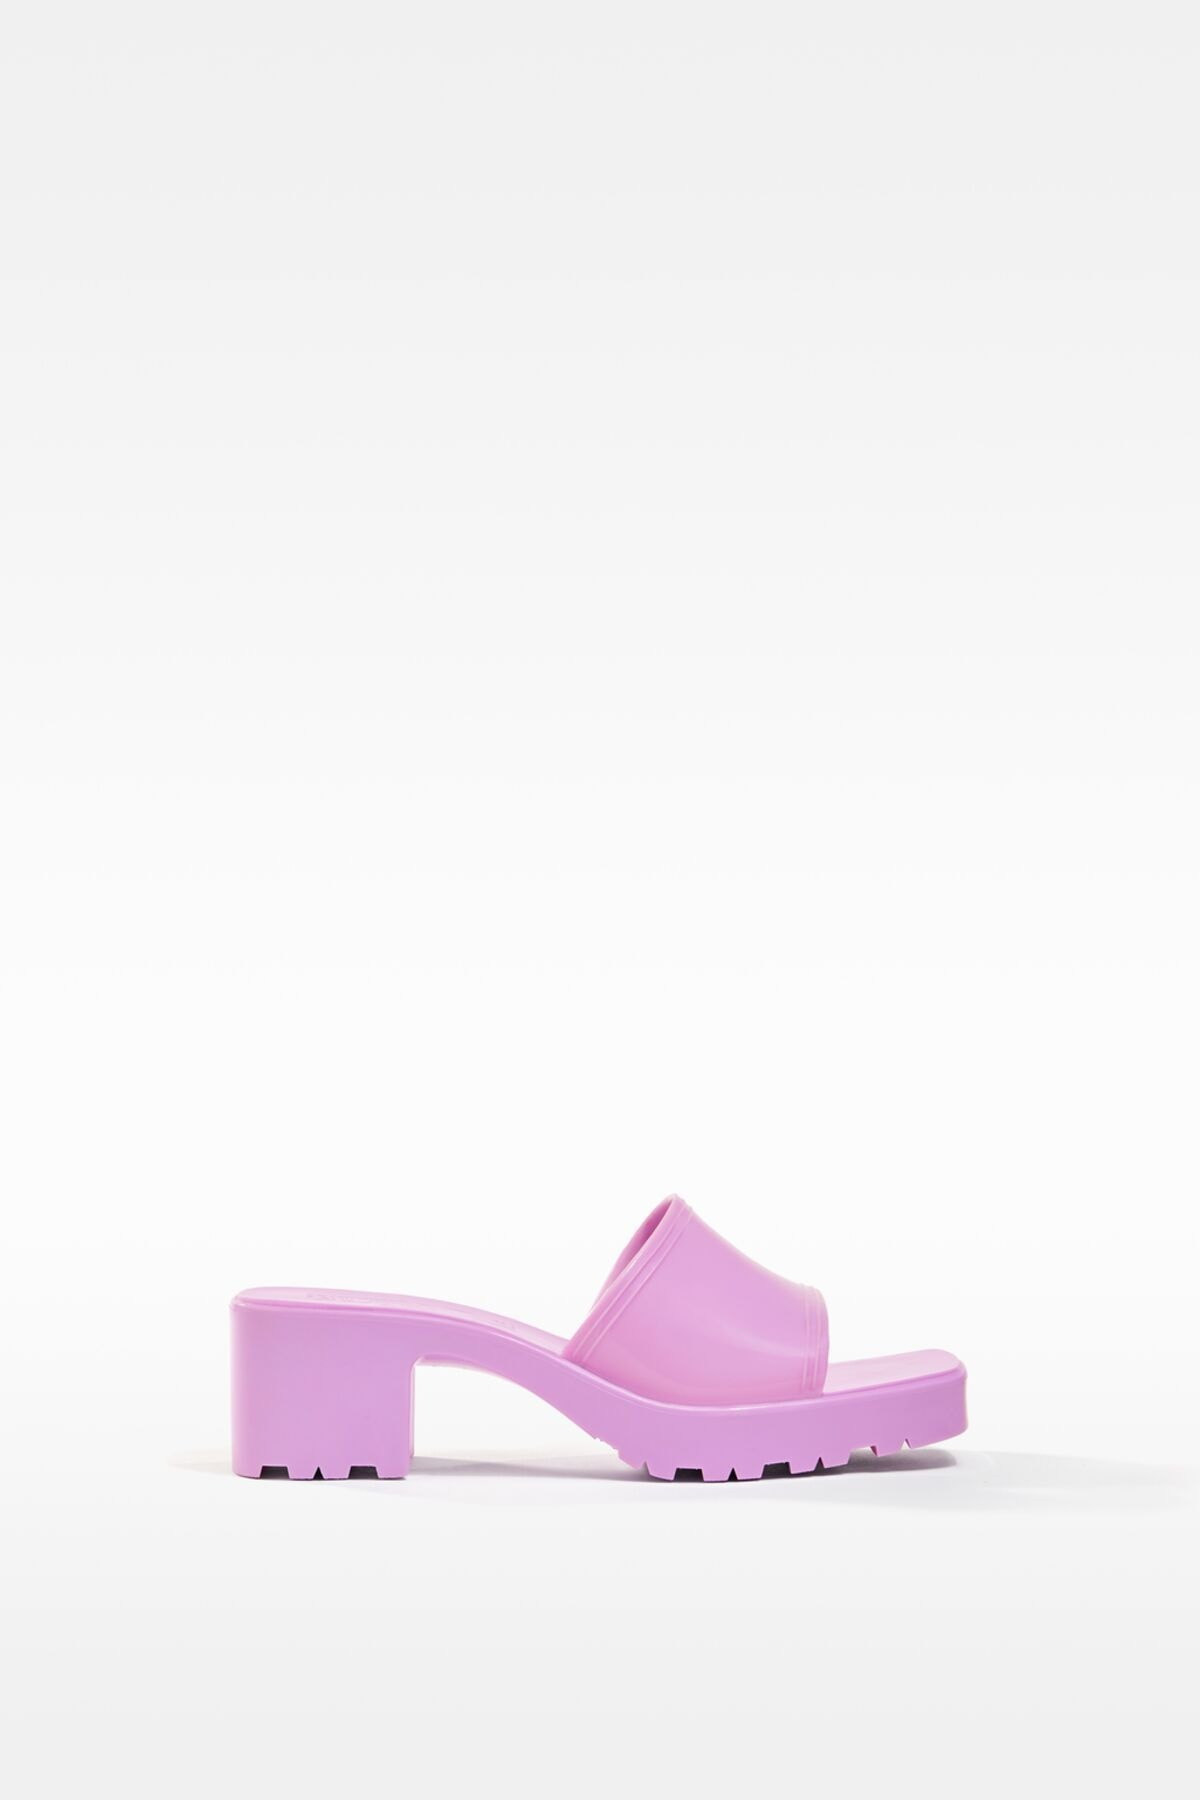 Bershka Kadın Koyu Mor Parlak Topuklu Sandalet 11721760 0